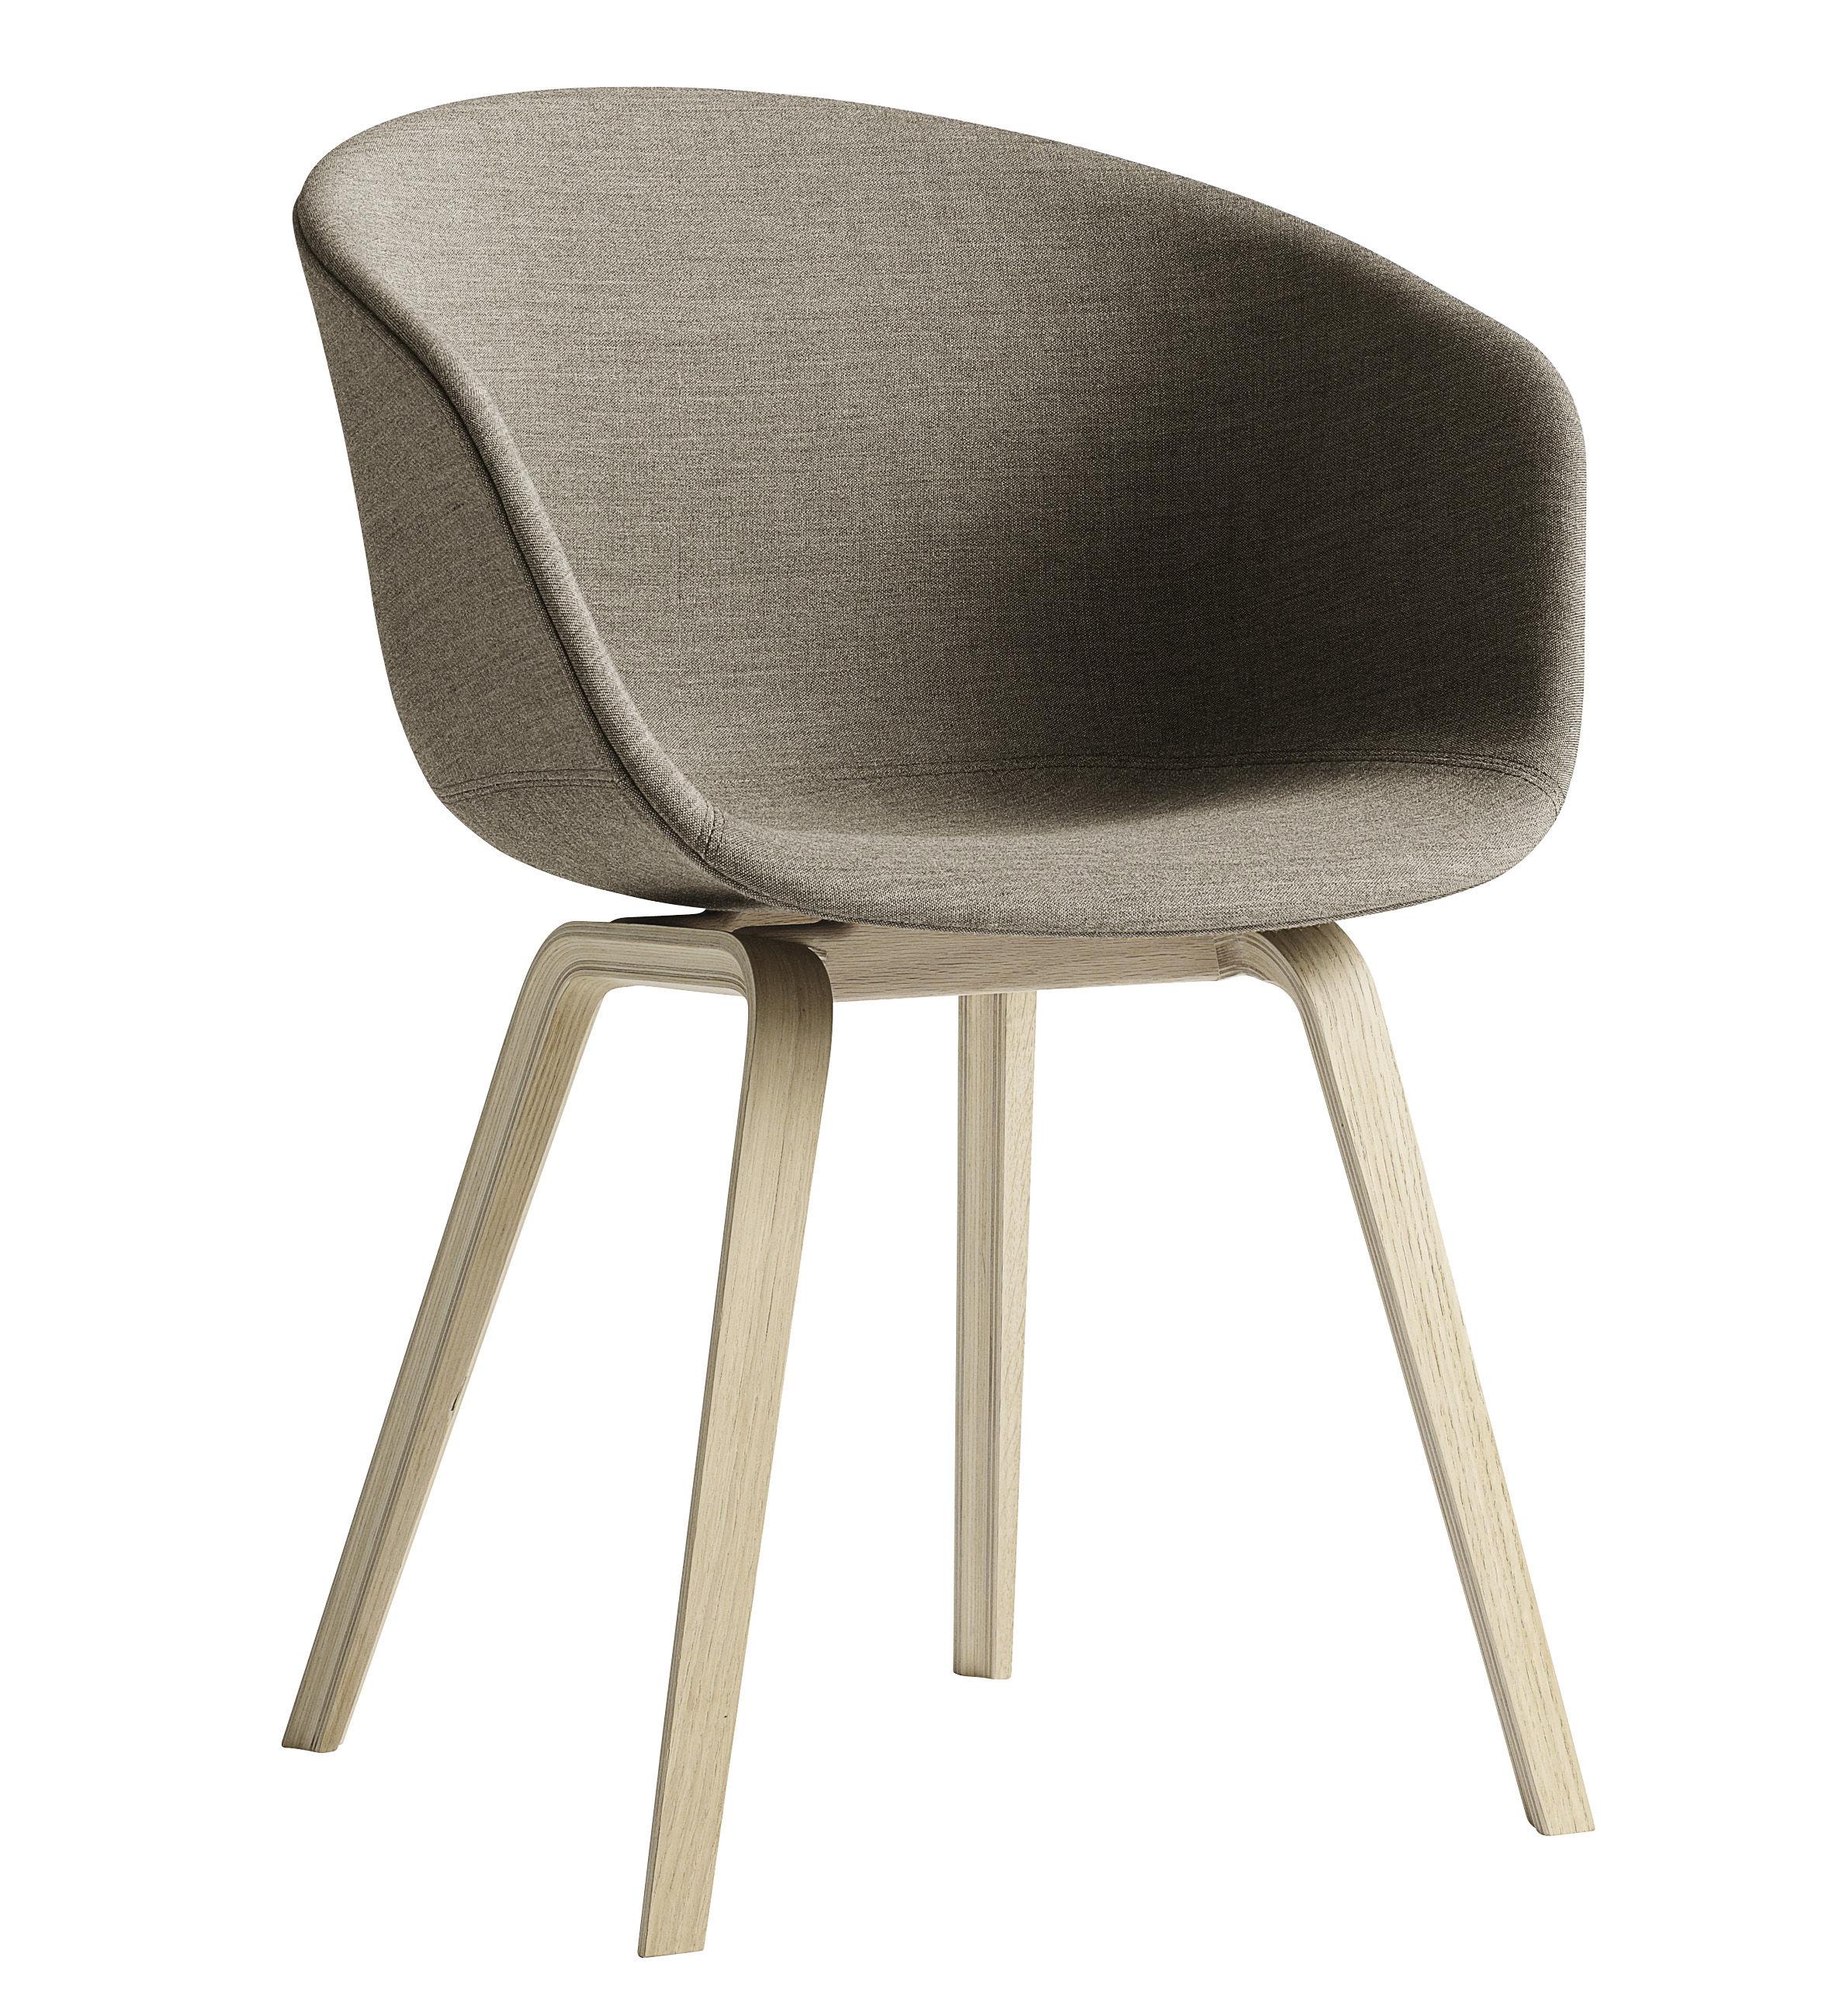 Mobilier - Chaises, fauteuils de salle à manger - Fauteuil rembourré About a chair / Tissu intégral & pieds bois - Hay - Tissu beige / Pieds bois naturel - Chêne, Polypropylène, Tissu